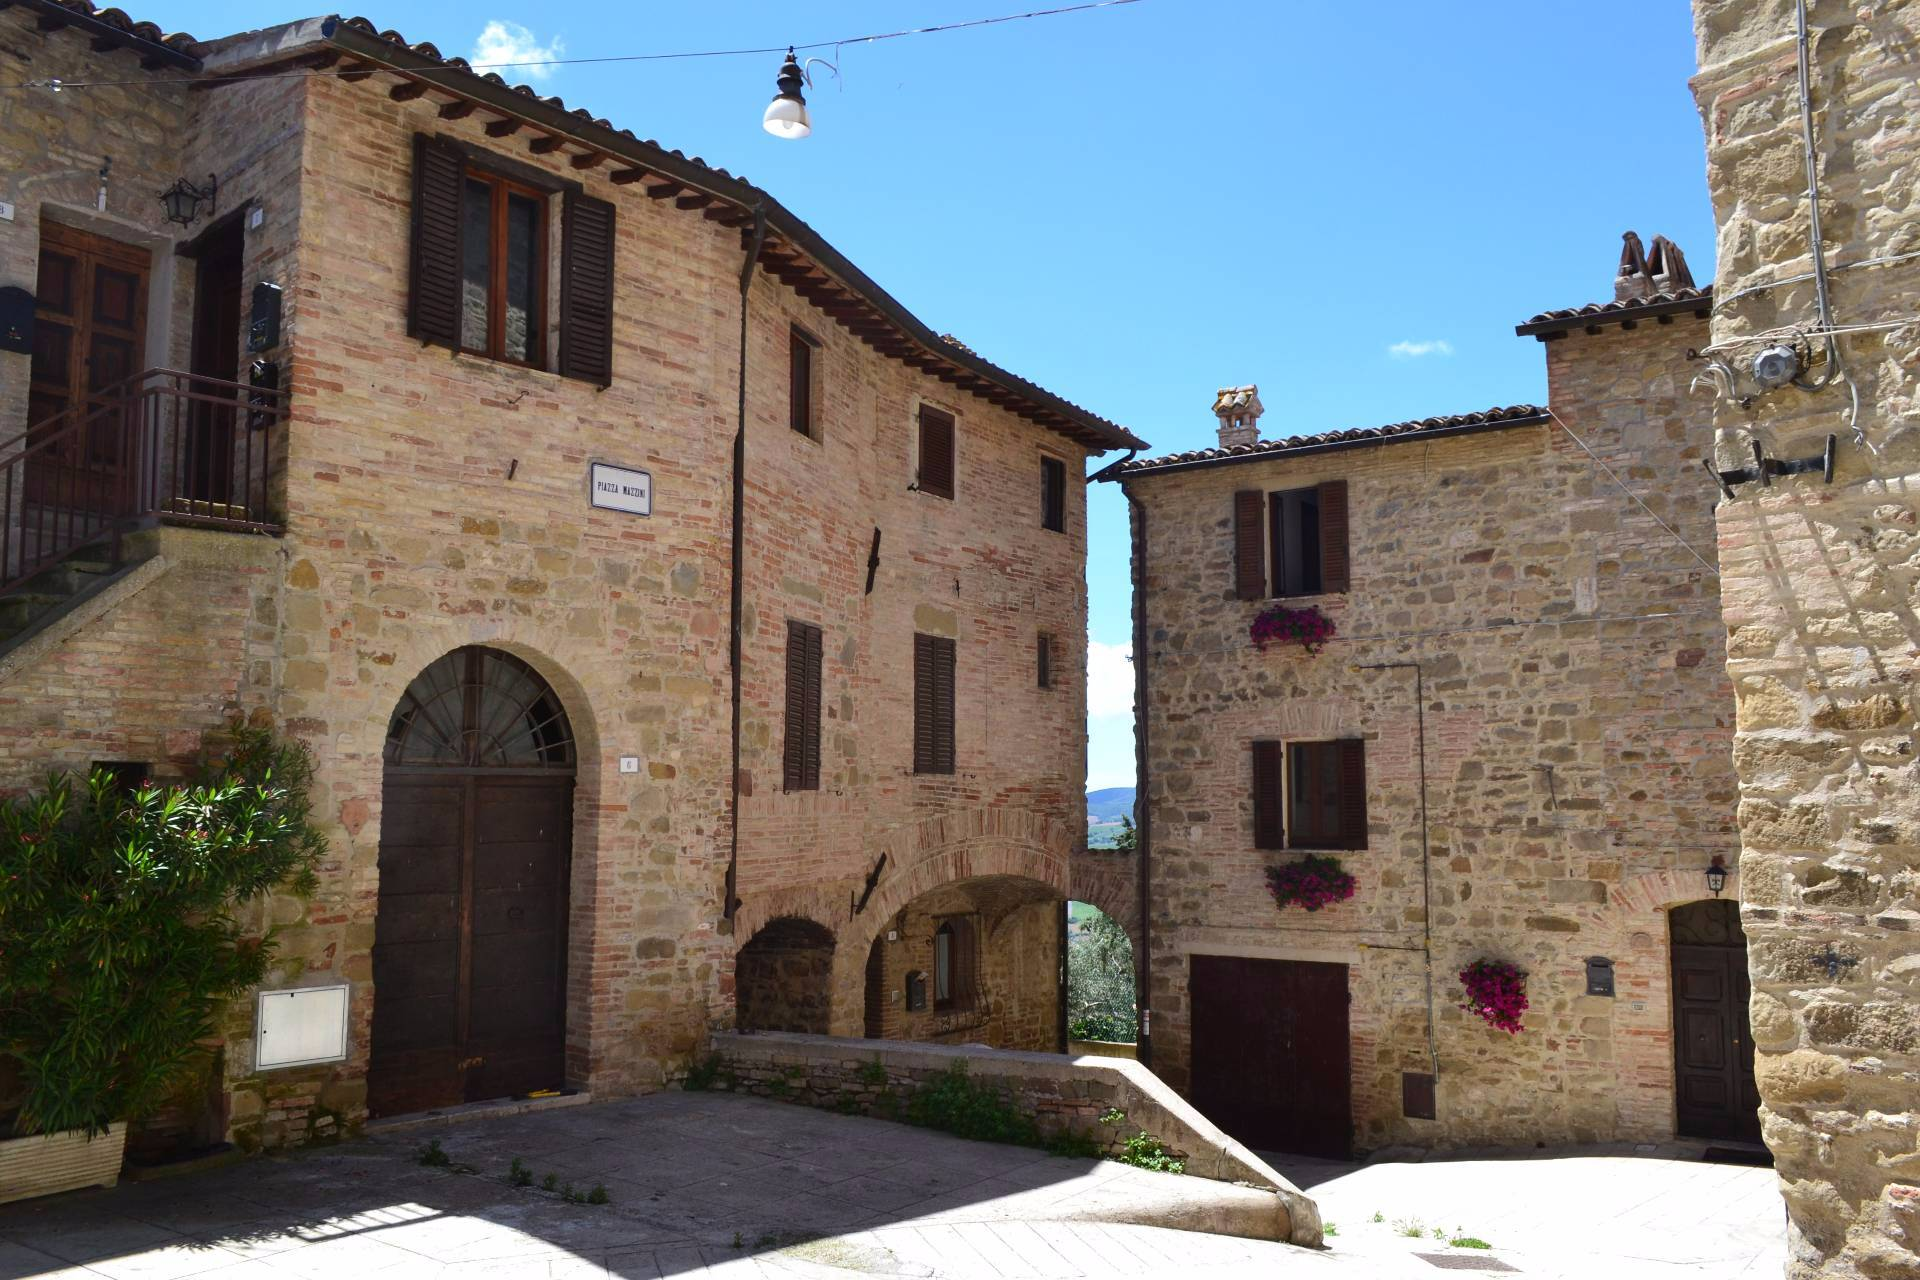 Appartamento in vendita a Gualdo Cattaneo, 3 locali, prezzo € 80.000 | Cambio Casa.it